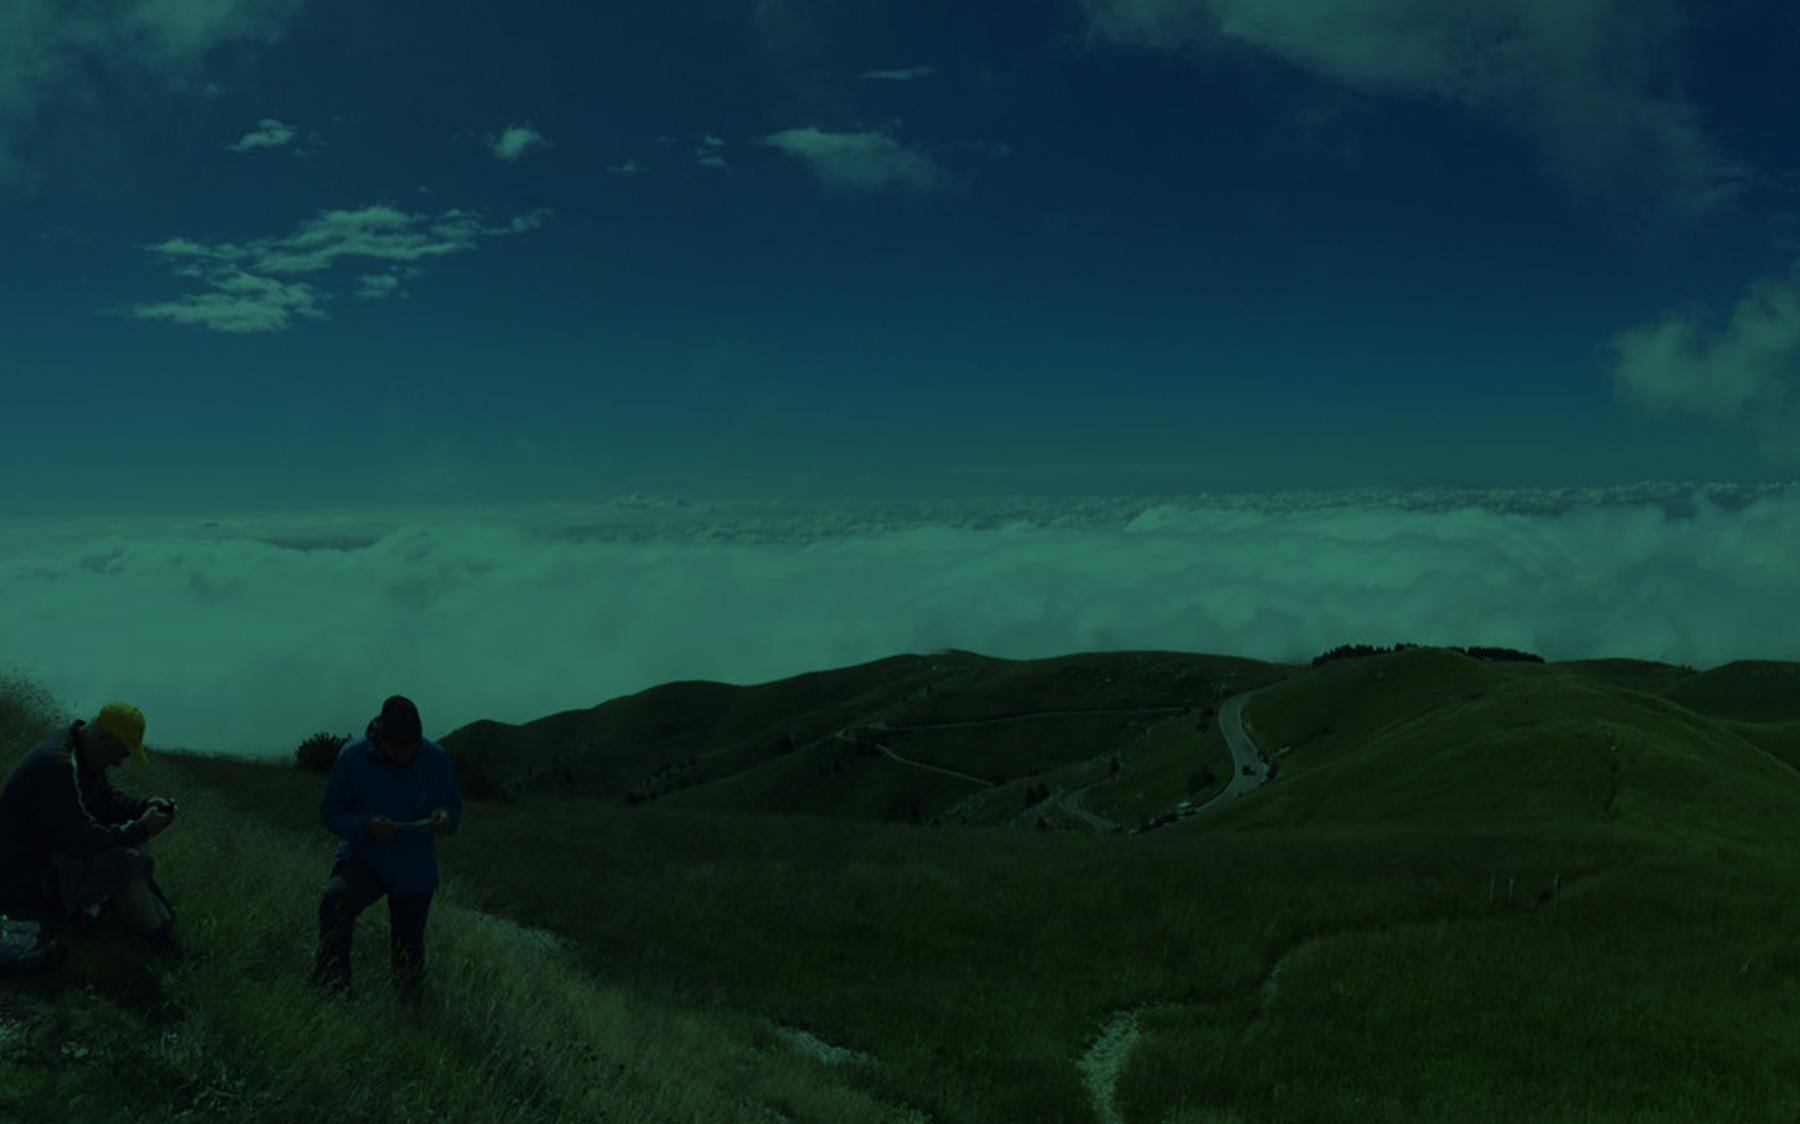 Il Grappa sopra le nuvole